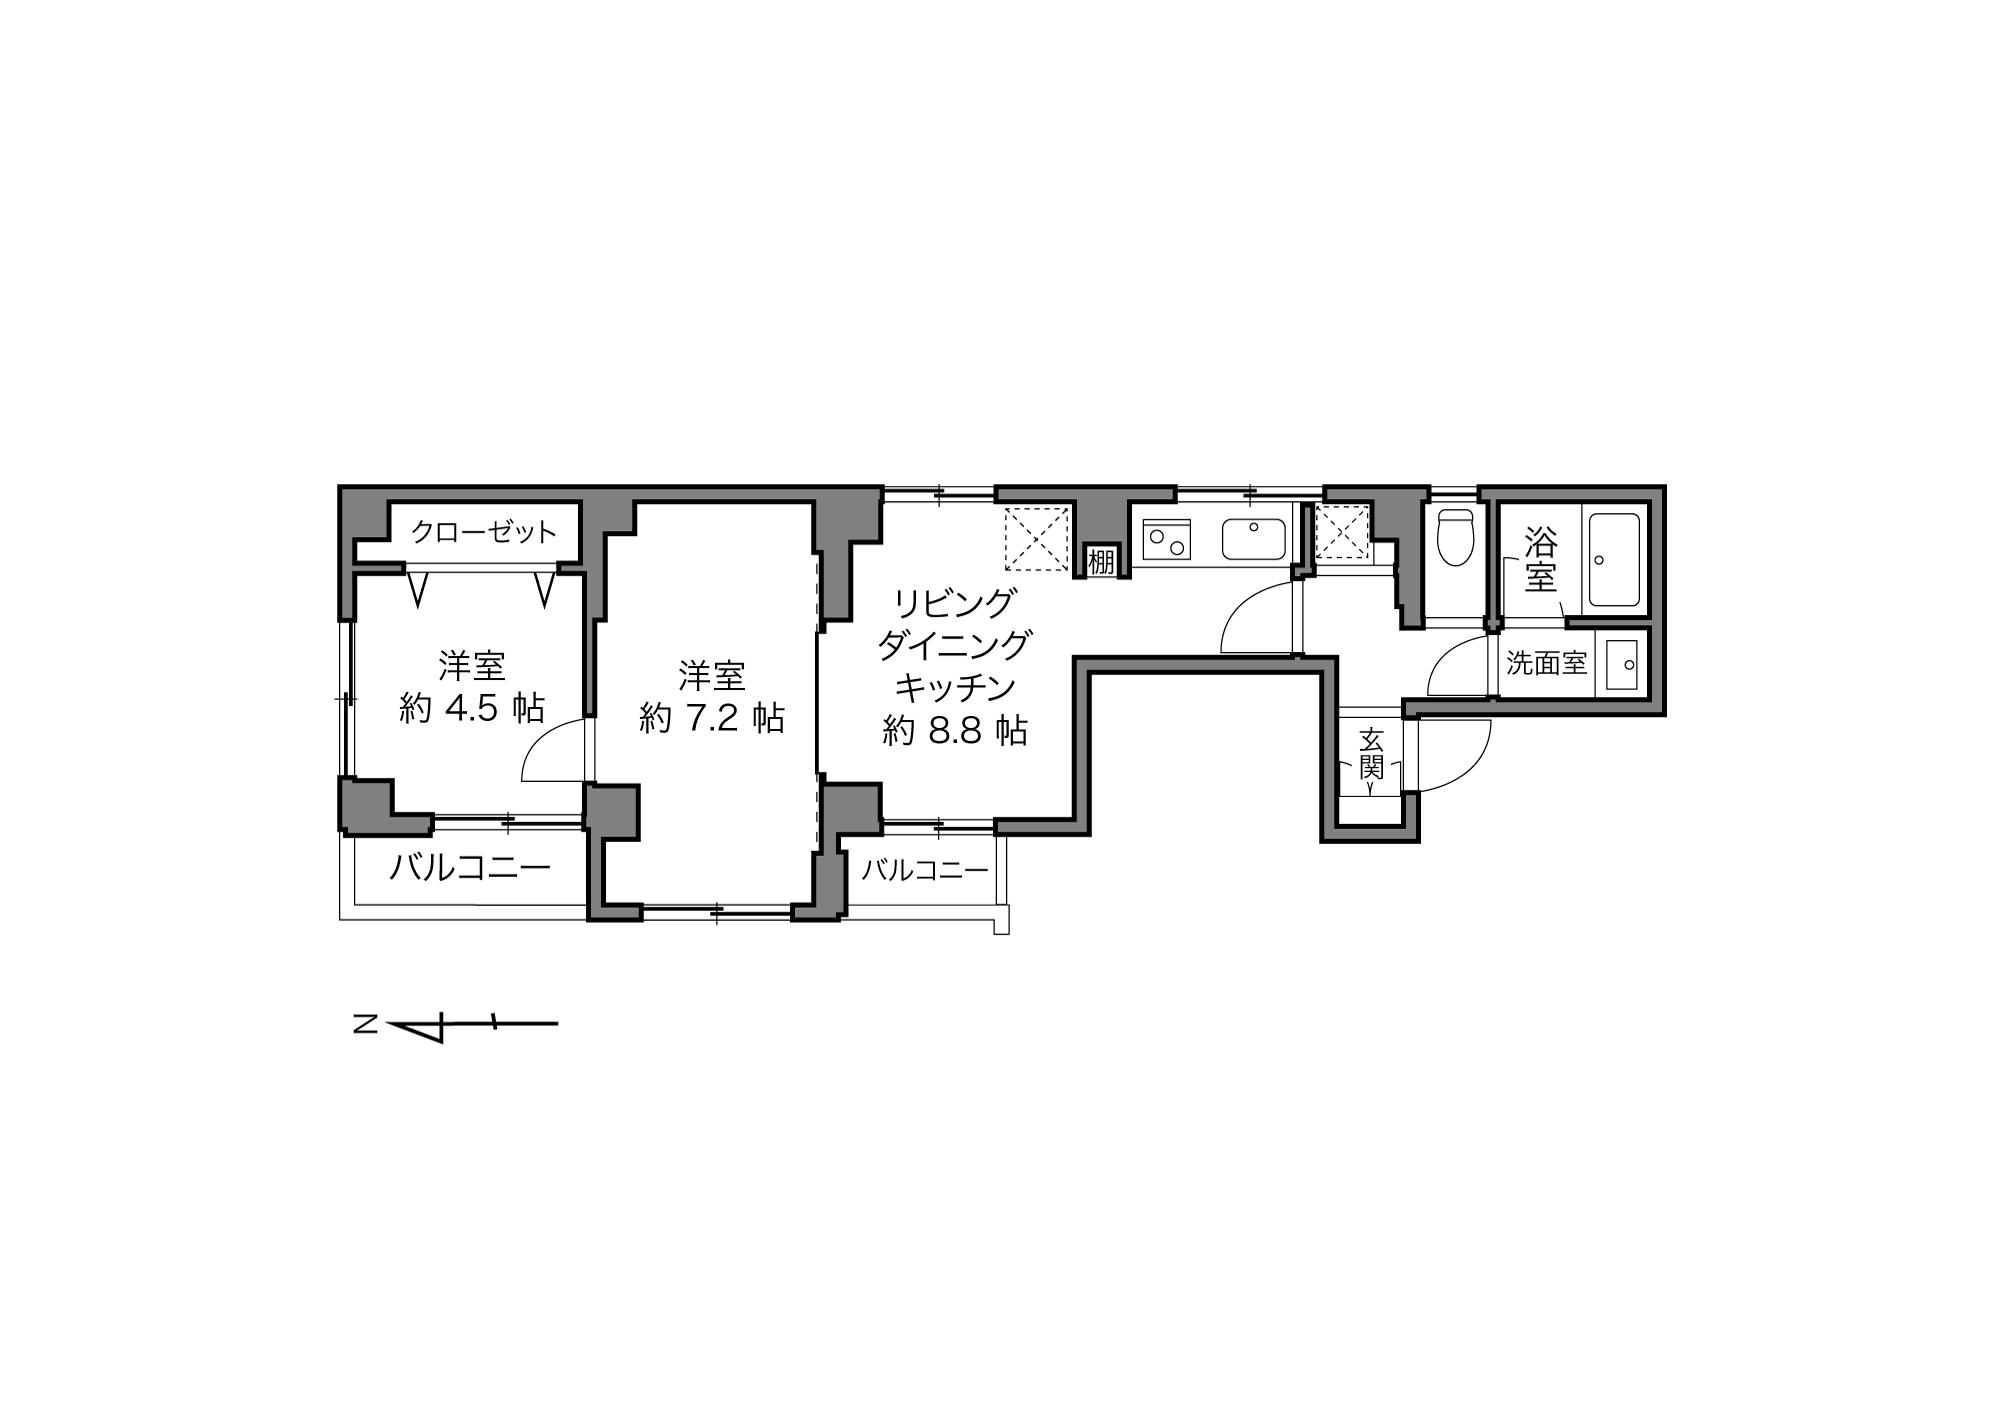 西大井駅 / 2LDK / 45.76㎡